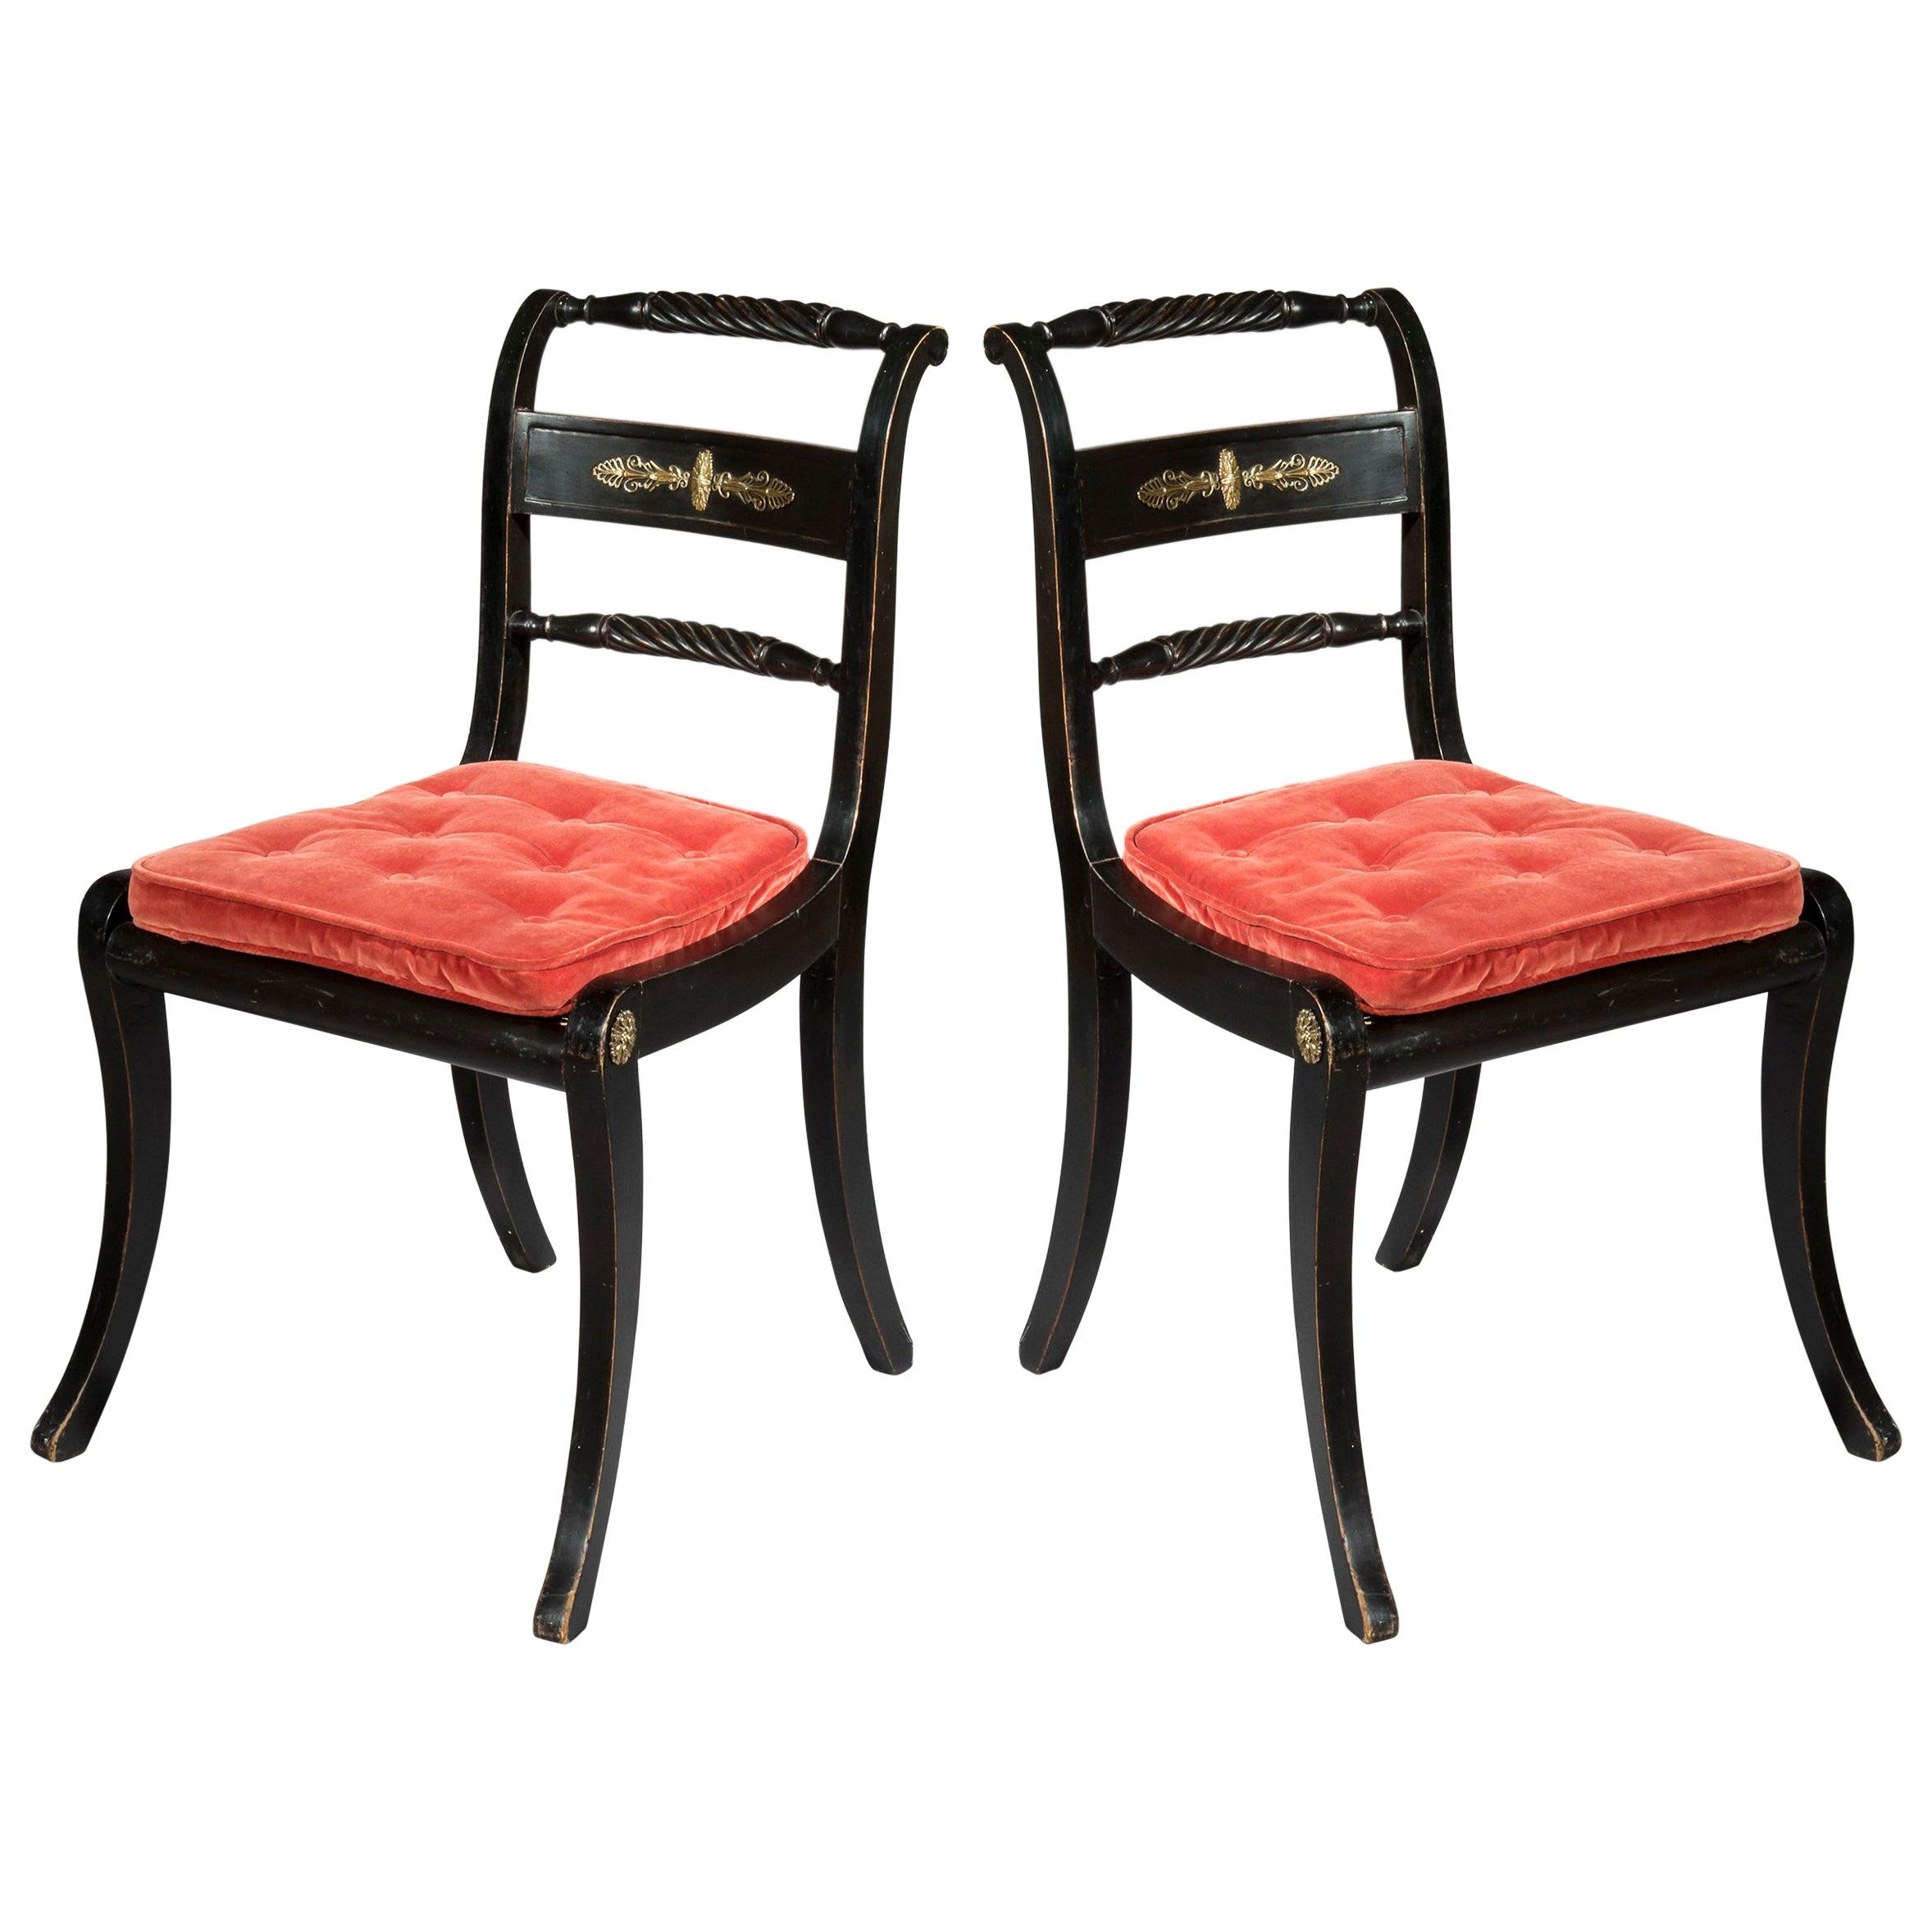 Antique Pair of Regency Black Painted Klismos Chairs